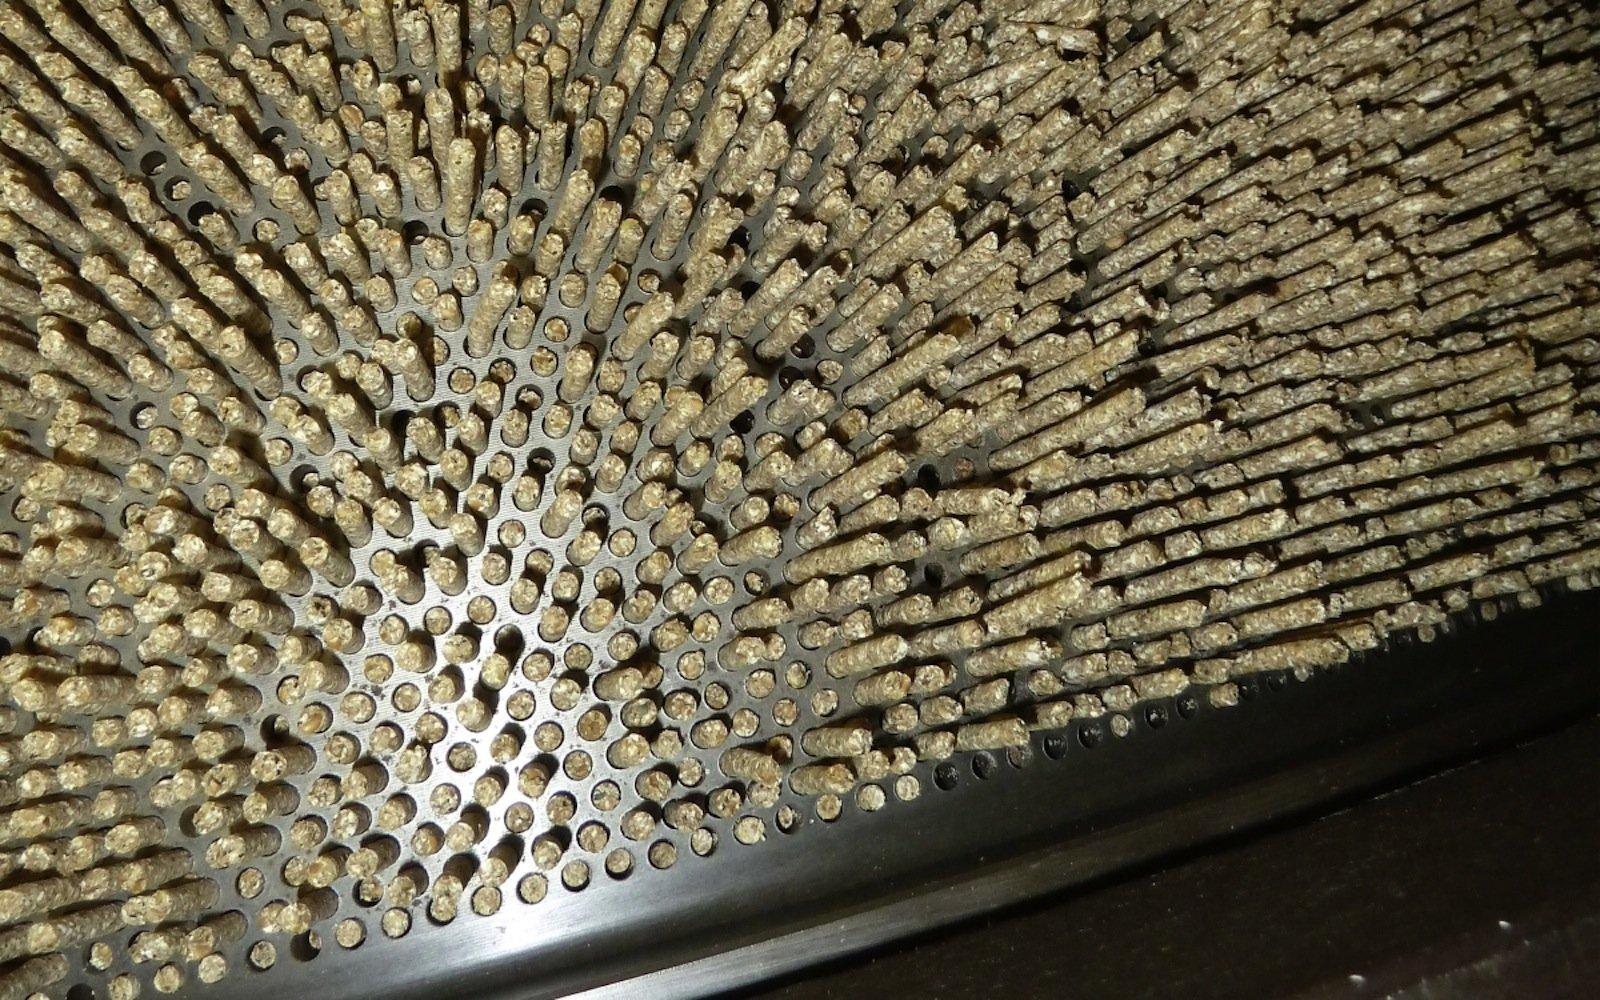 Am Ende des Produktionsprozesses wird das Mischfutter getrocknet und pelletiert. Dies ist der energieaufwendigste Teil der Herstellung.